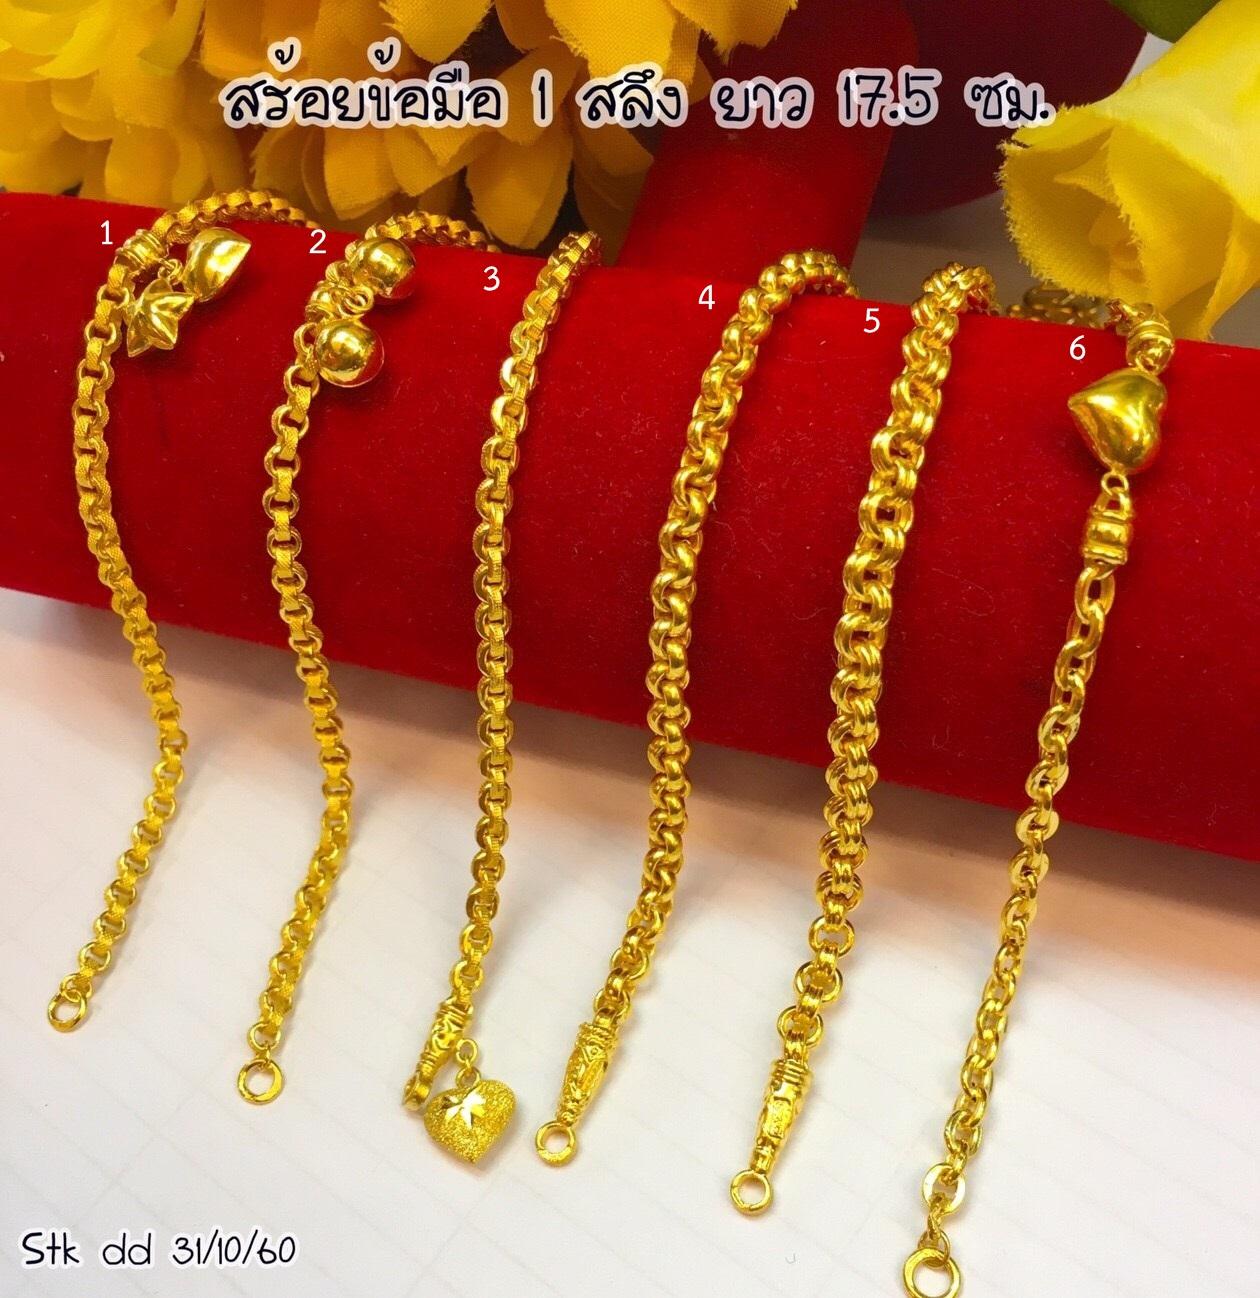 สร้อยข้อมือทองแท้ 96.5% หนัก 1 สลึง /ยาว 17.5 เซน